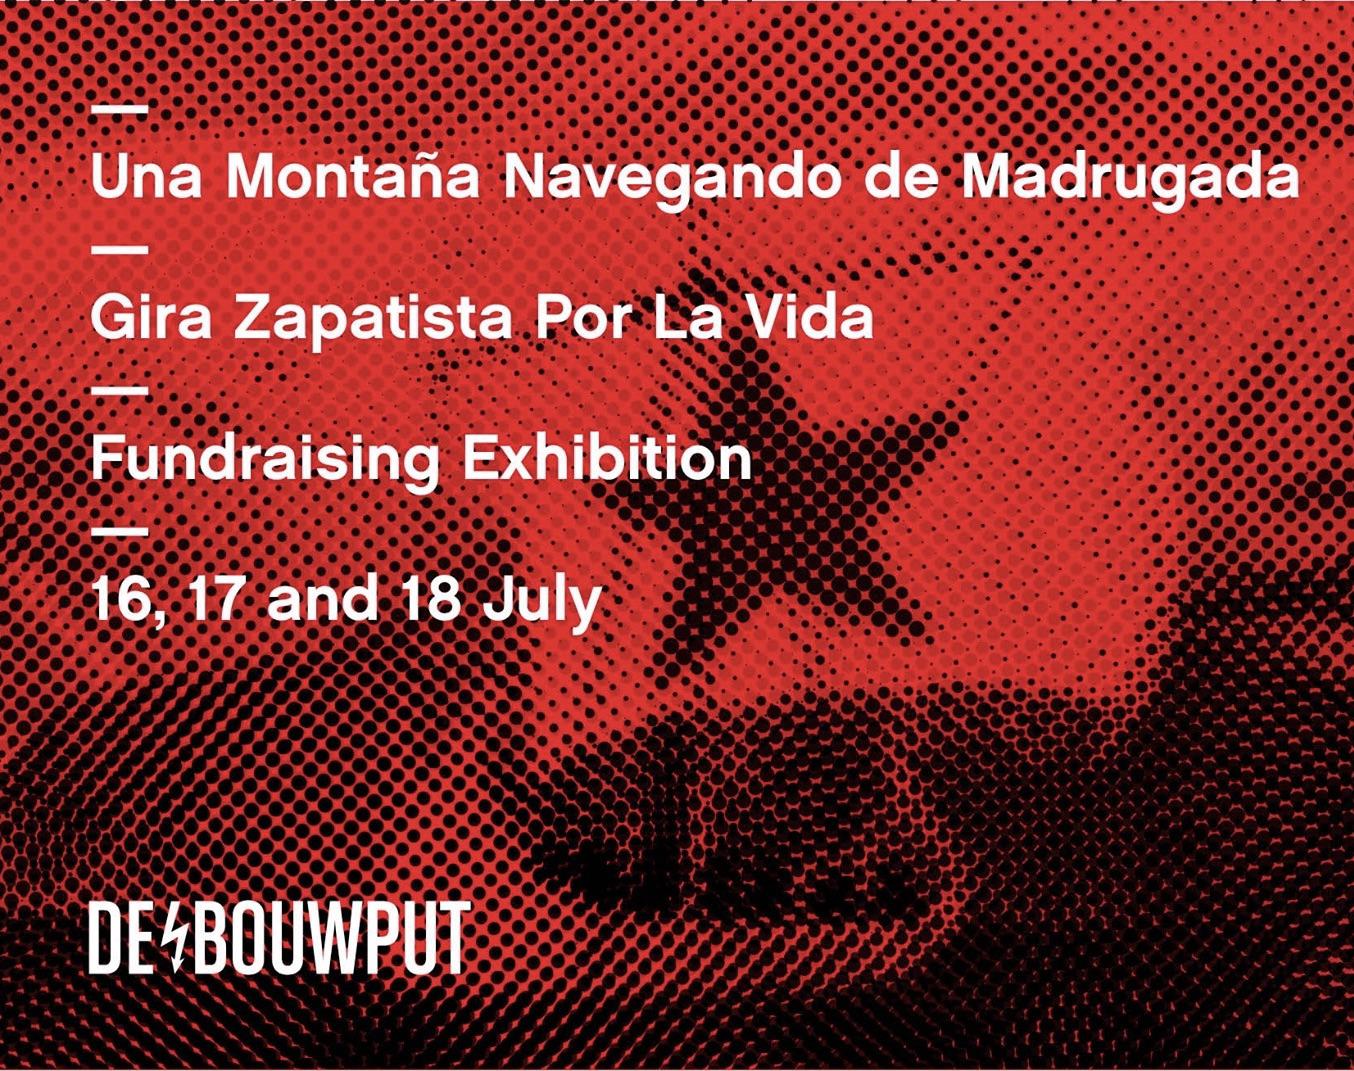 Exhibition for La Gira Zapatista Por La Vida